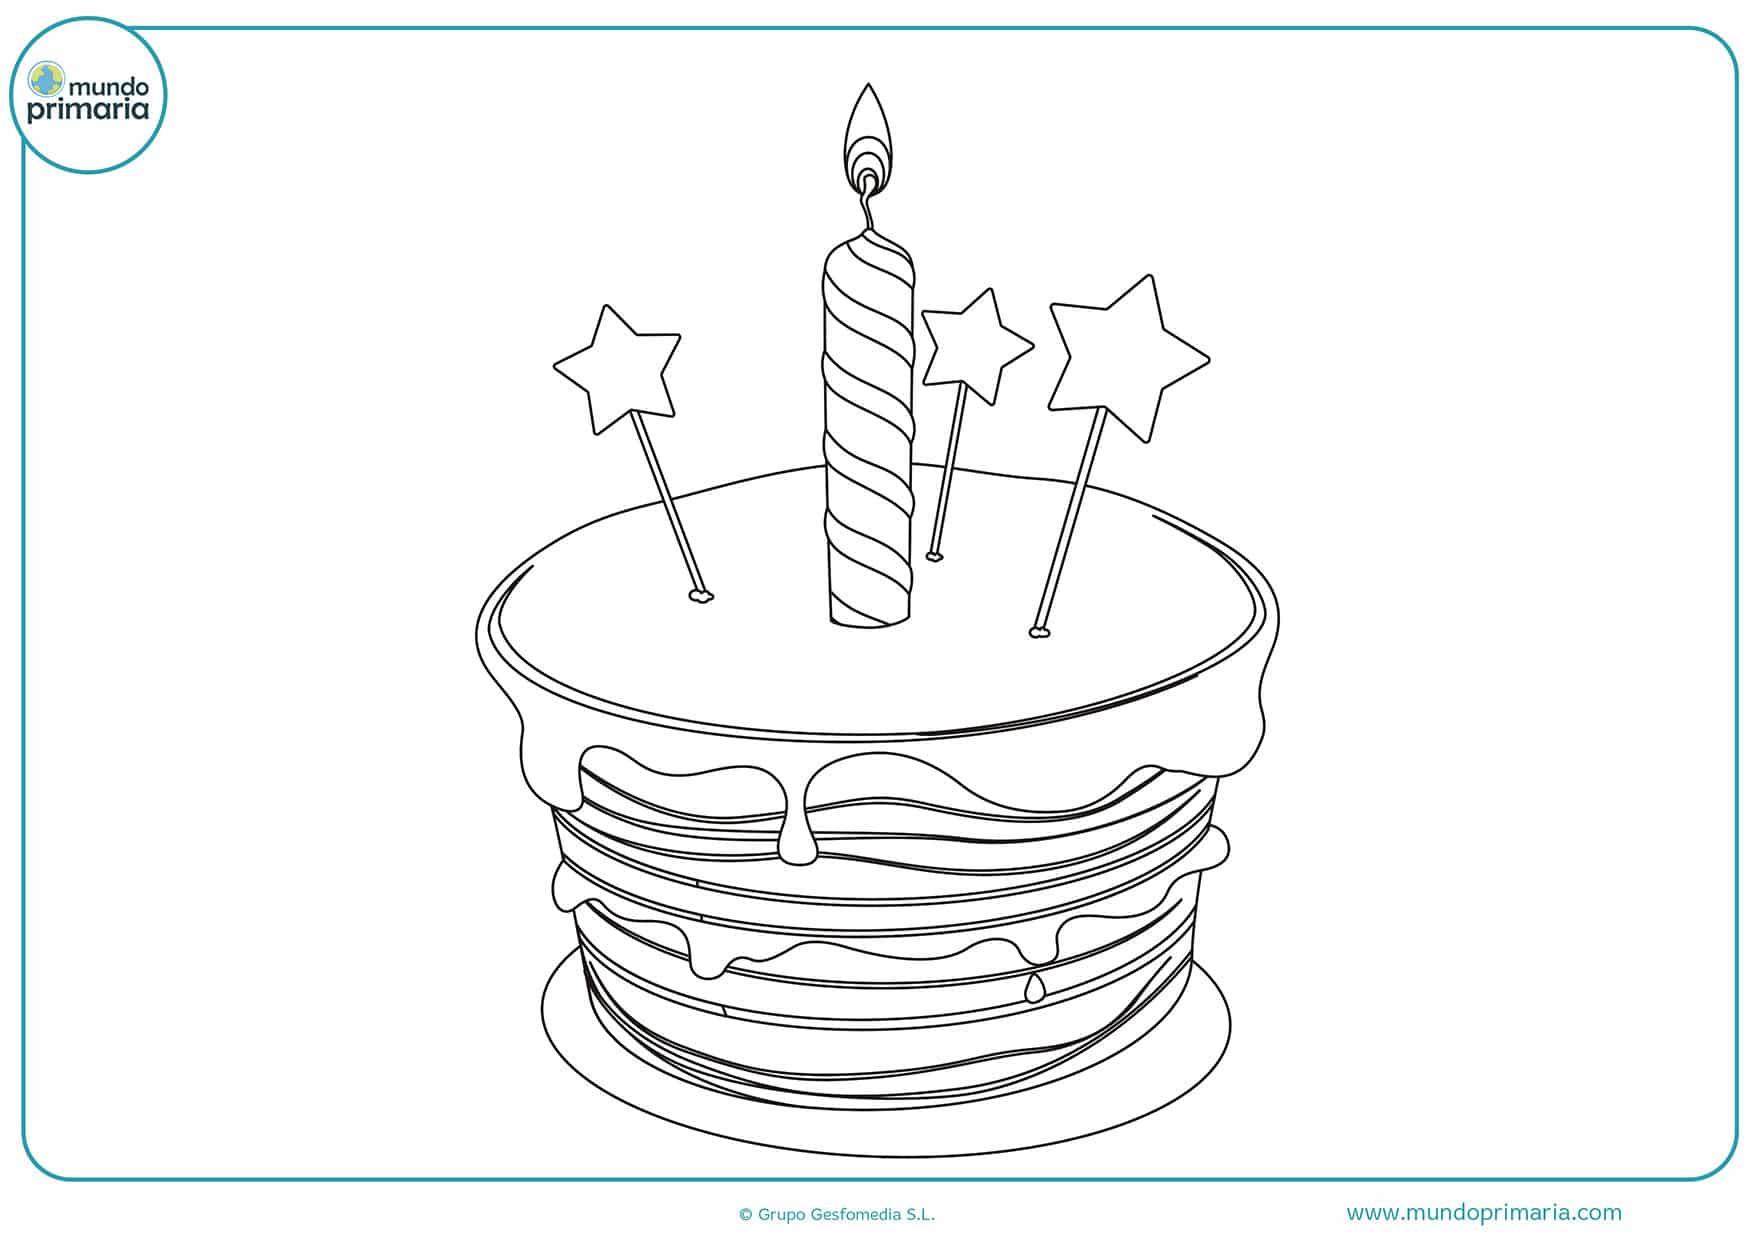 Colorear Dibujos Infantiles: Dibujos De Cumpleaños Para Colorear